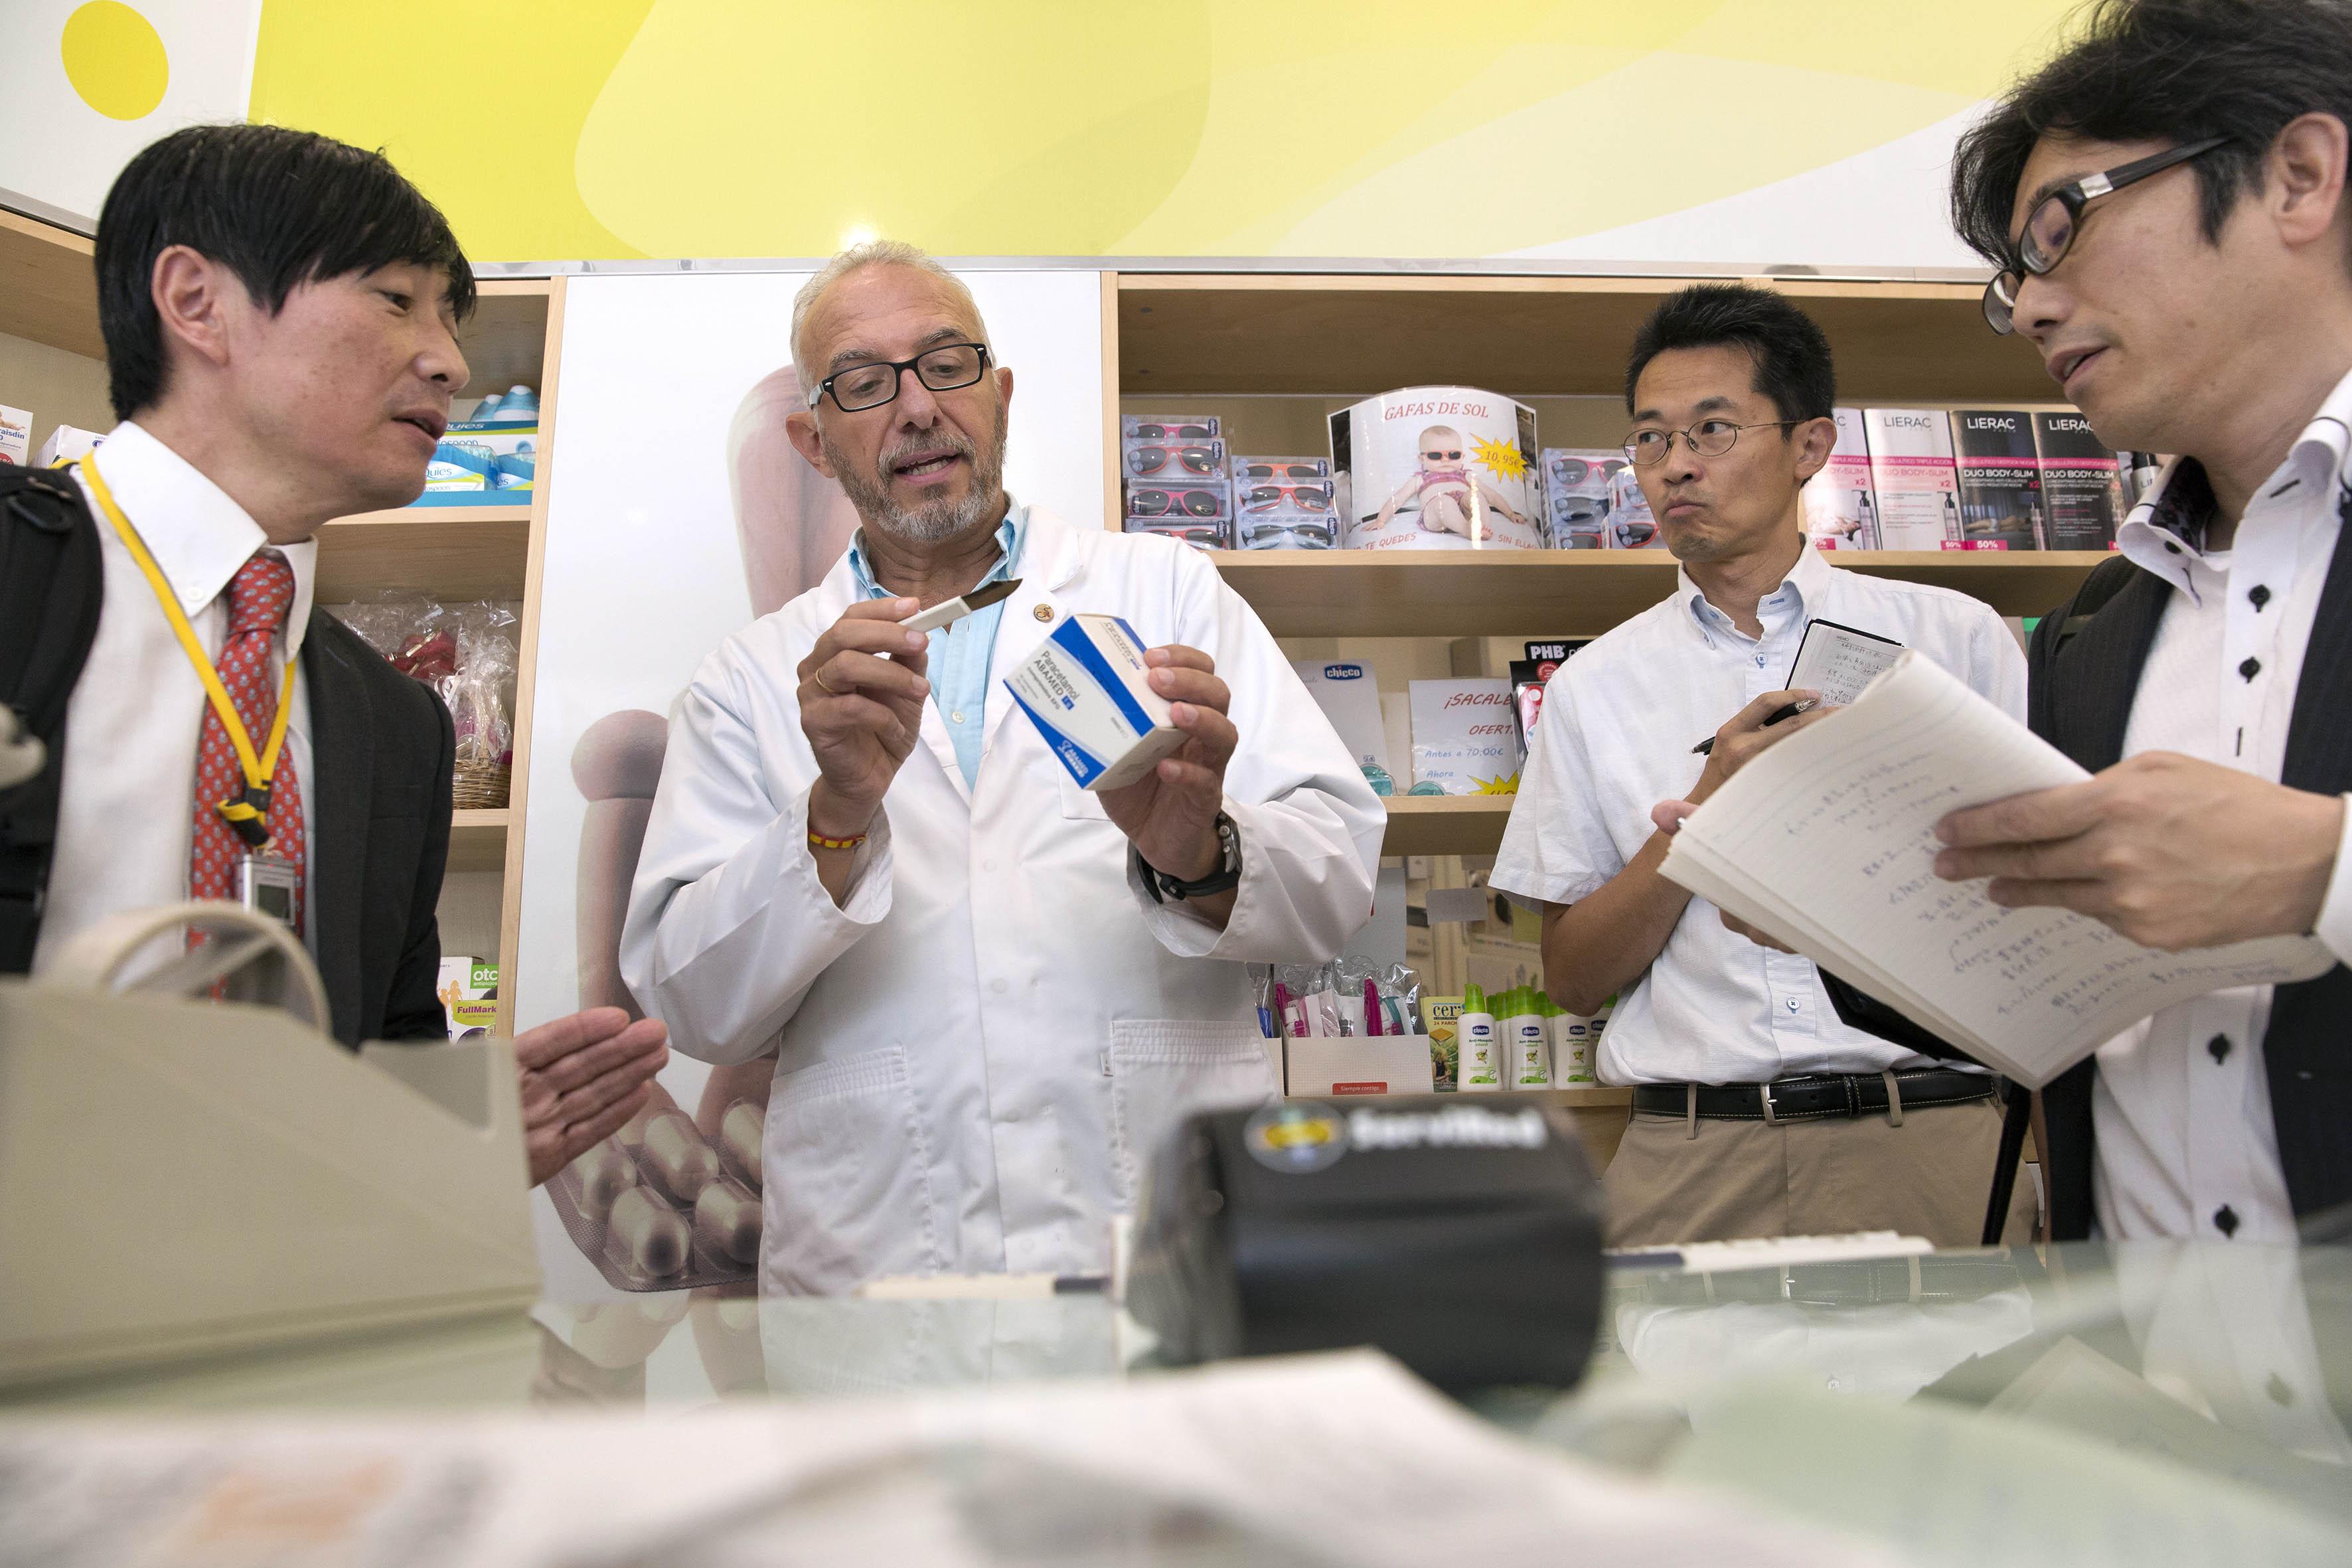 Una delegación japonesa visita una oficina de farmacia sevillana para conocer los beneficios del sistema de dispensación de medicamentos mediante receta electrónica